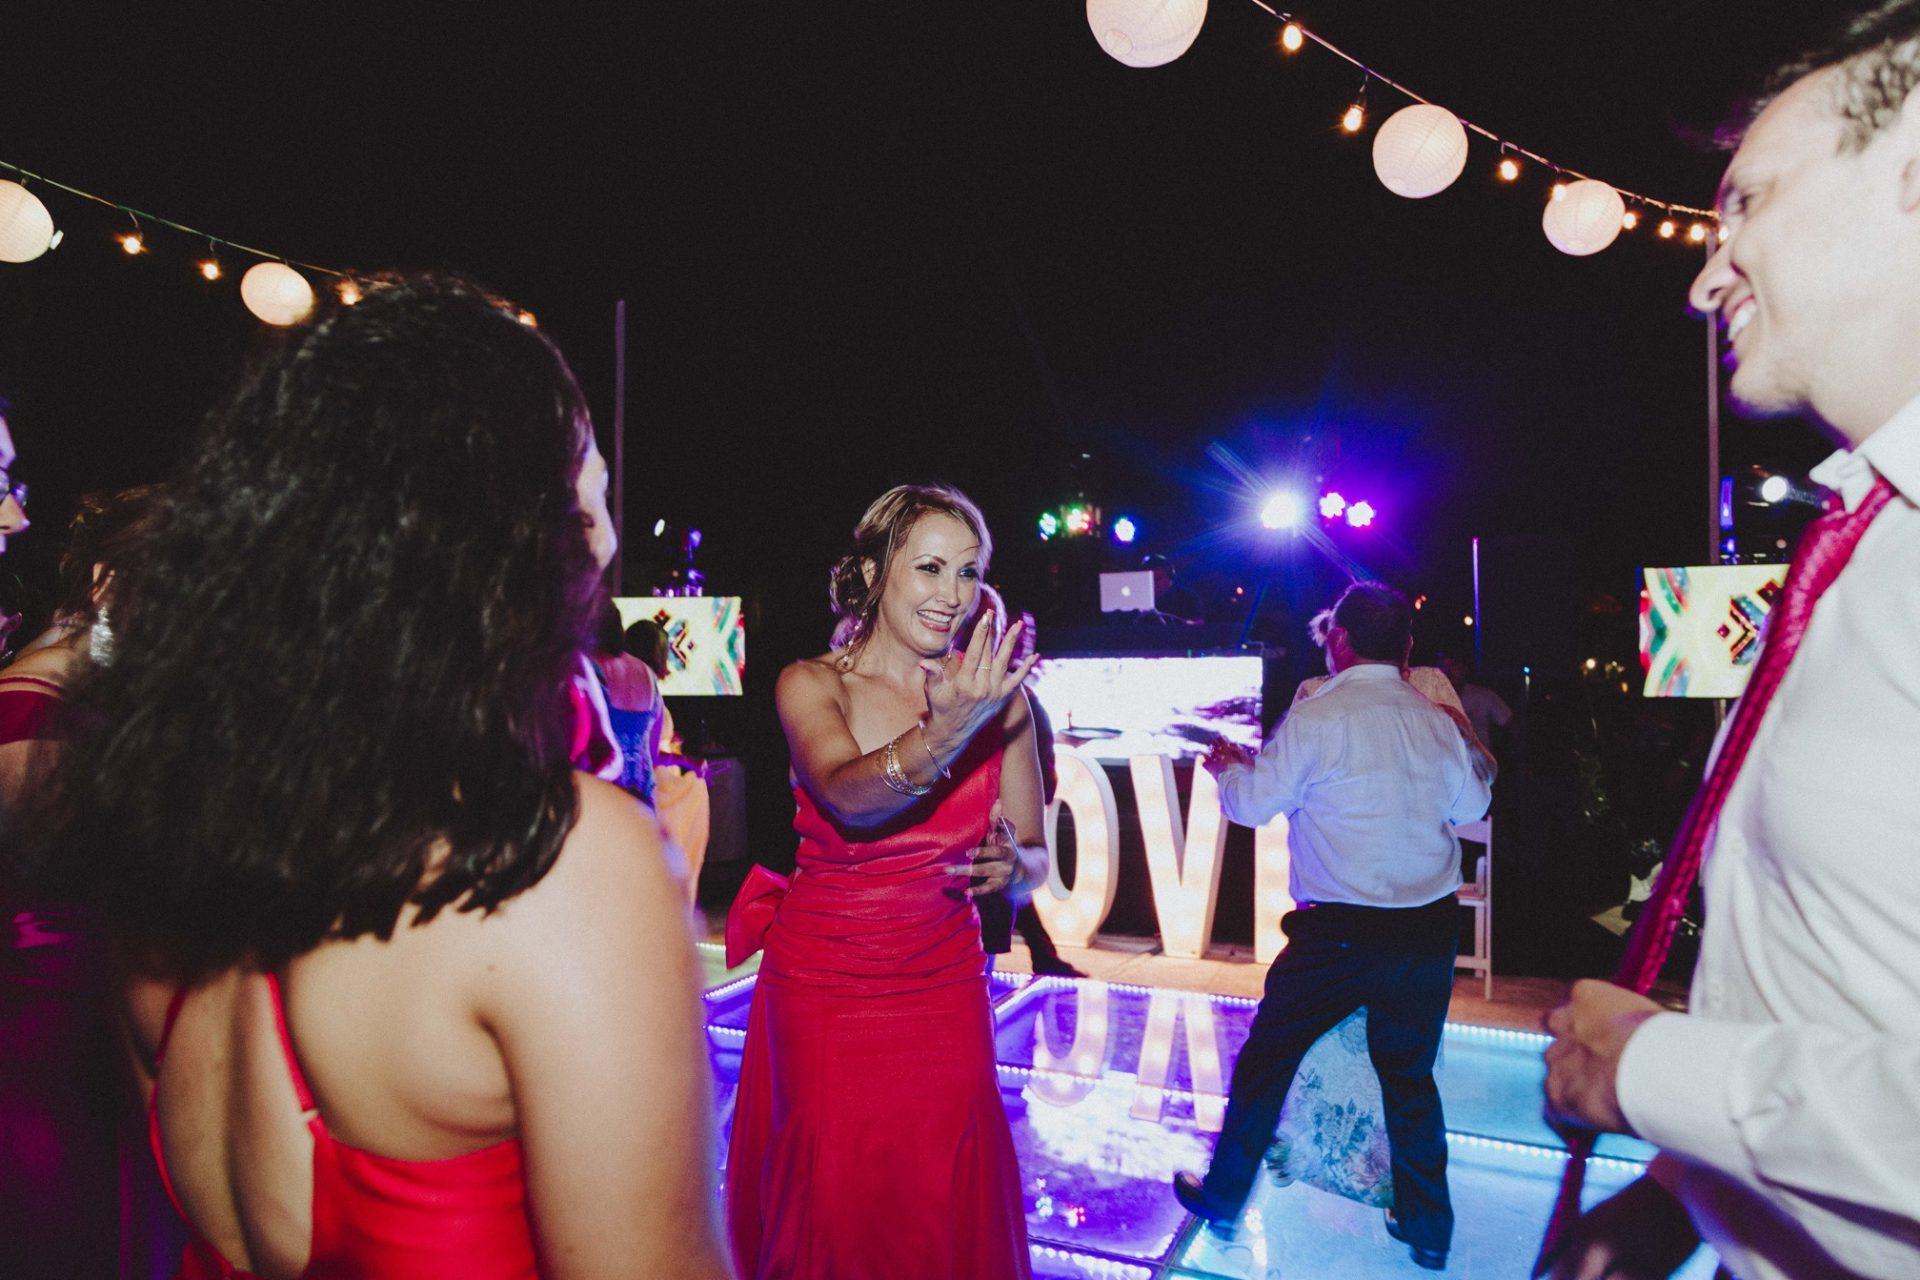 fotografo_bodas_profesional_zacatecas_riviera_maya_cancun-285